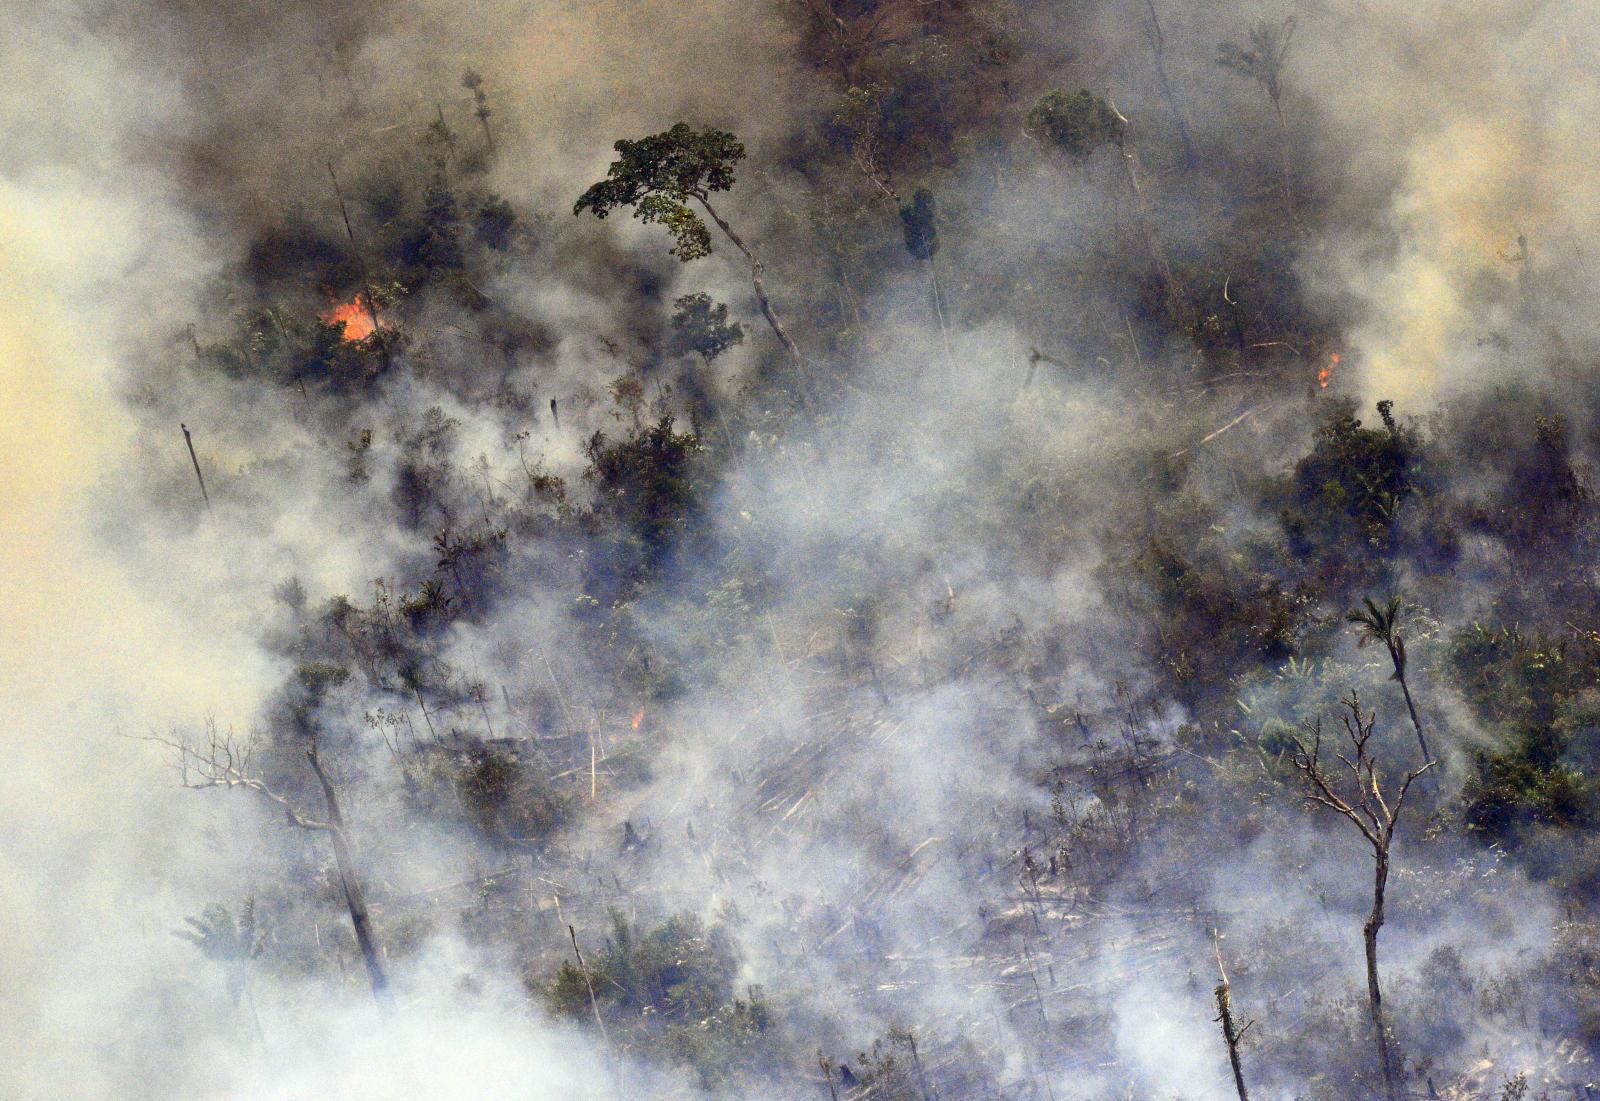 รัฐบาลบราซิลส่งทหารดับไฟป่าแอมะซอน